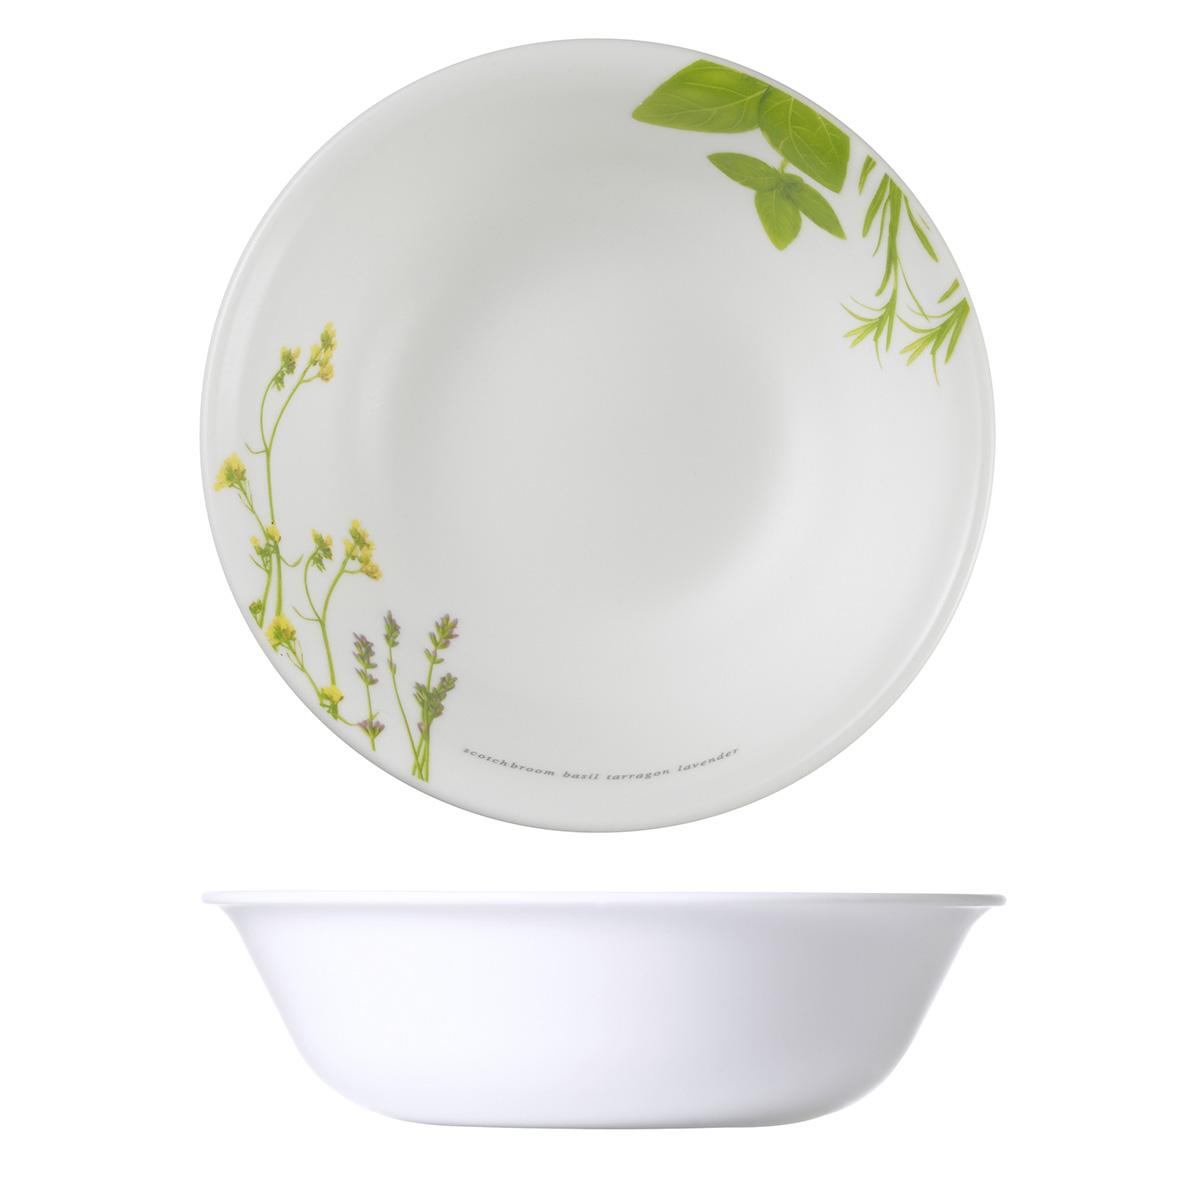 Corelle 500ml Soup/Cereal Bowl European Herbs